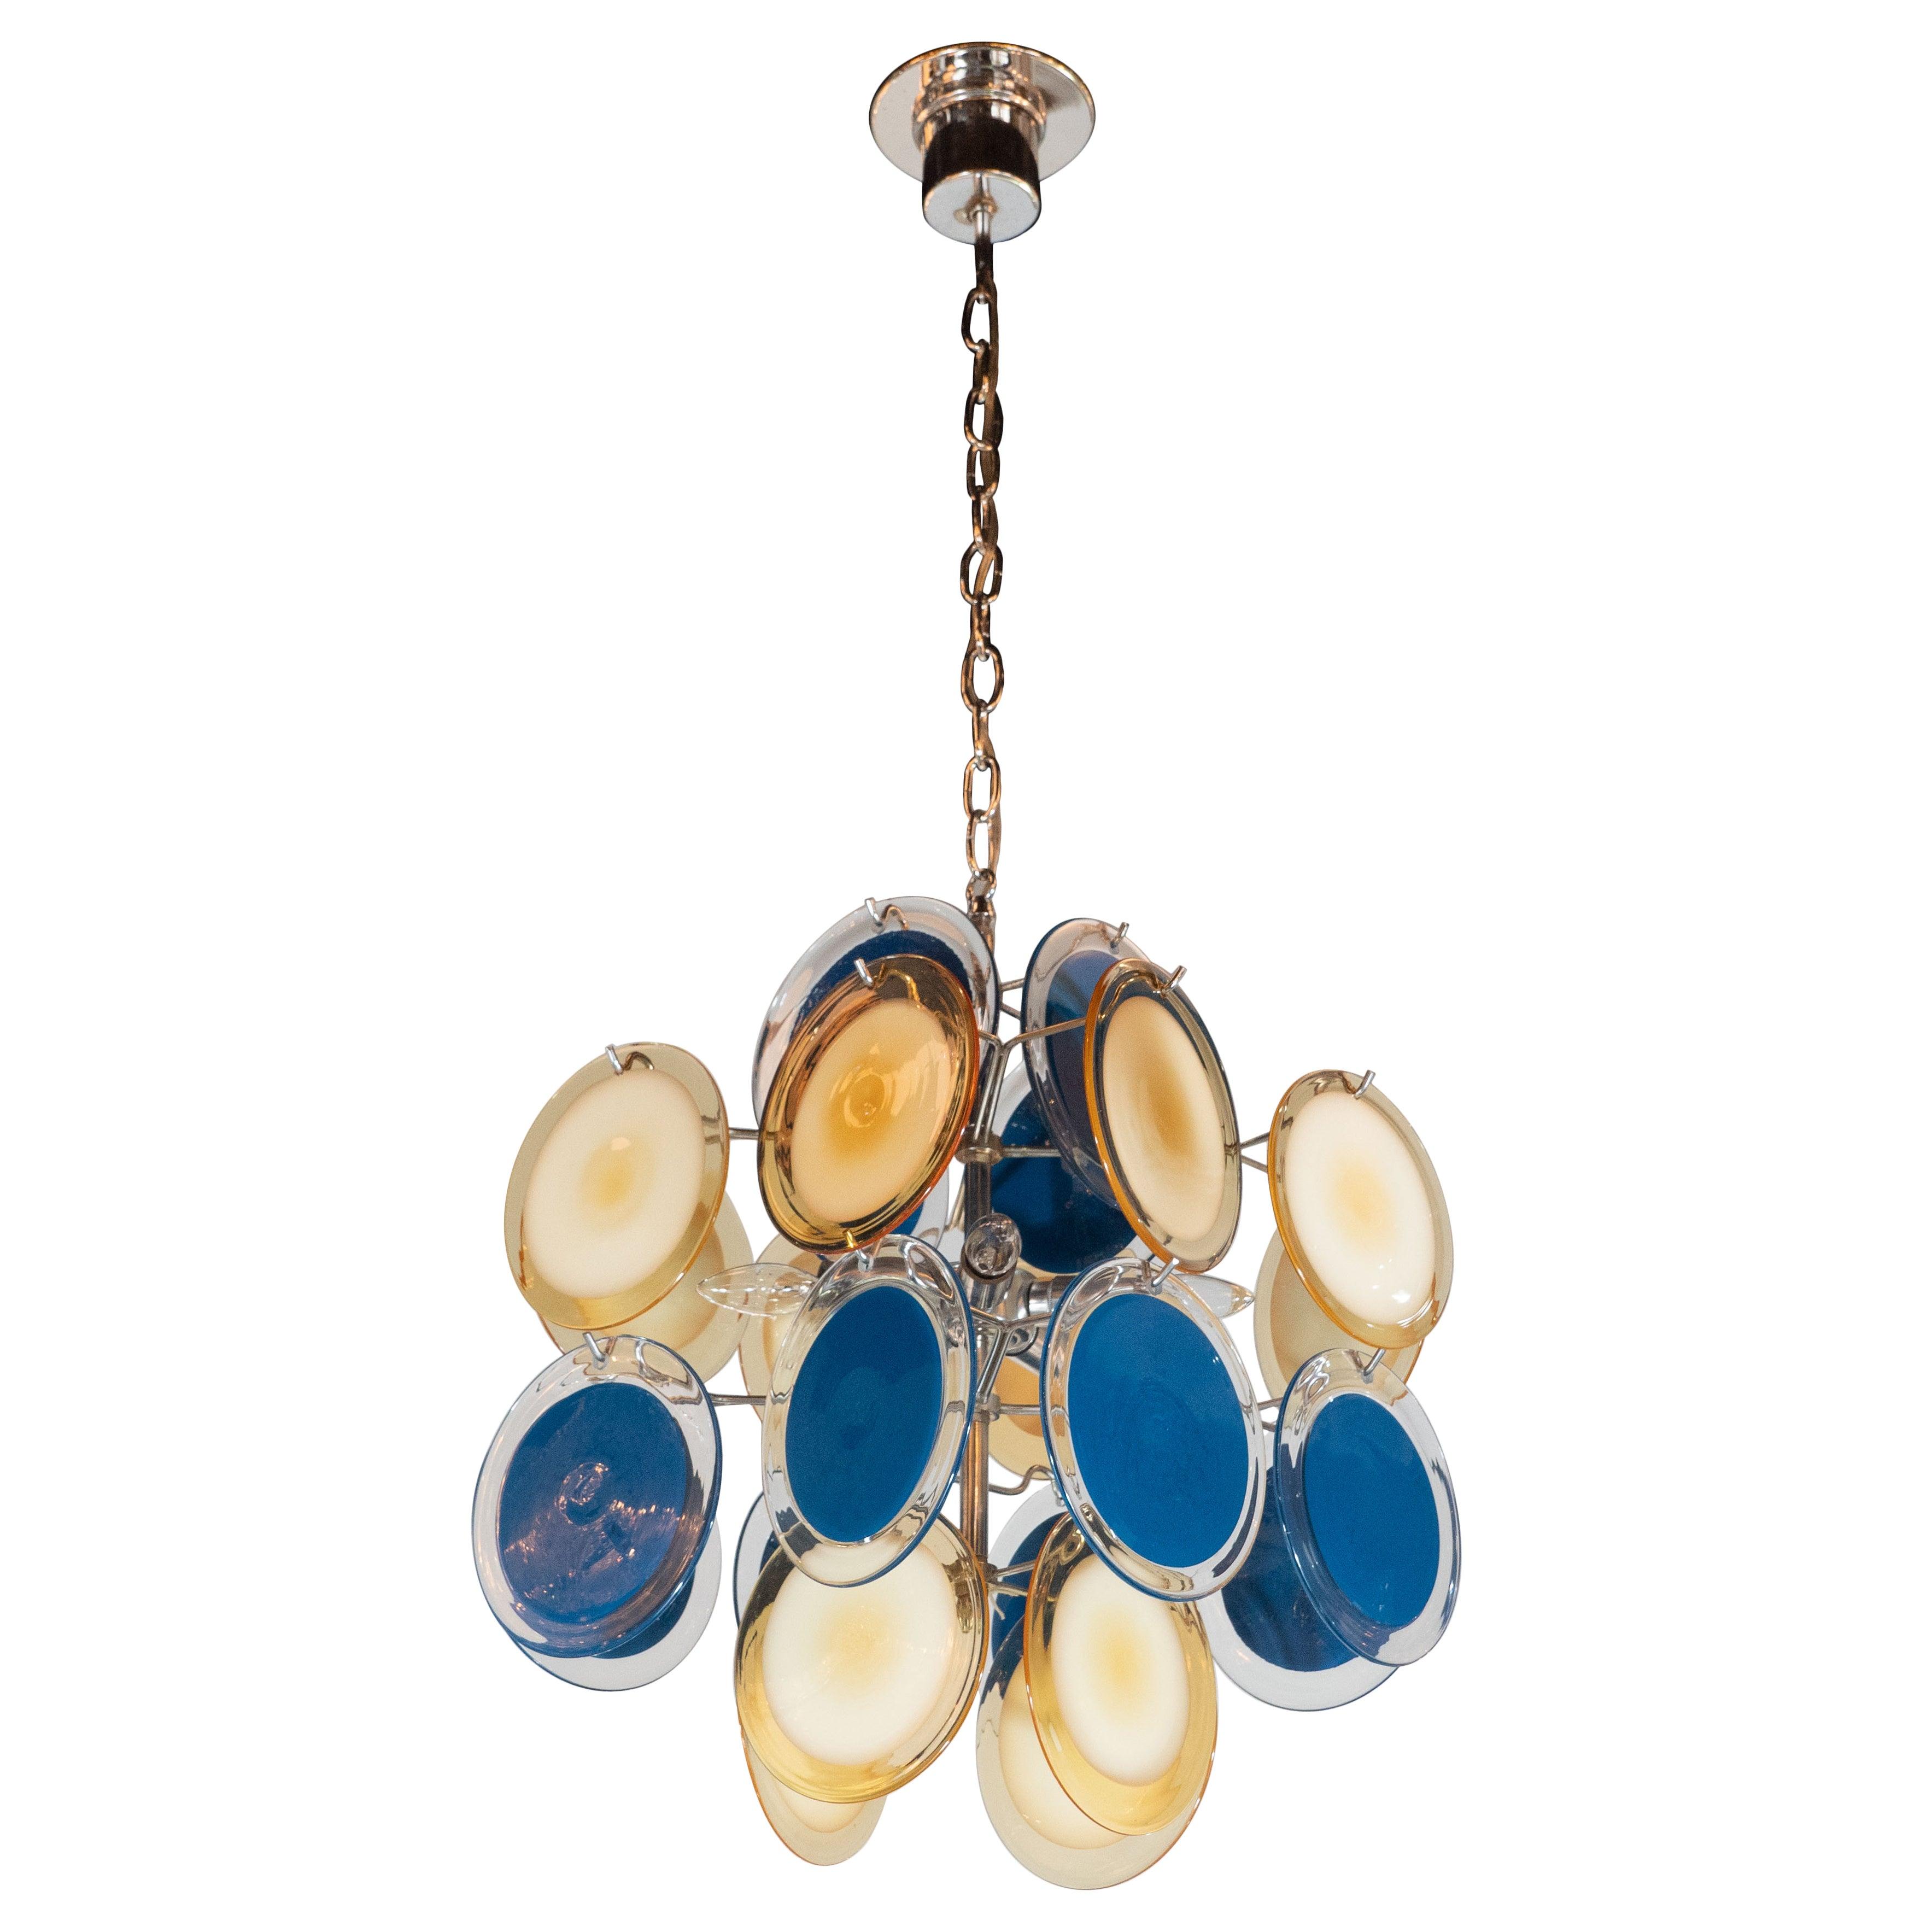 Modernist Chrome Chandelier in Handblown Murano Cerulean & Yellow Vistosi Discs